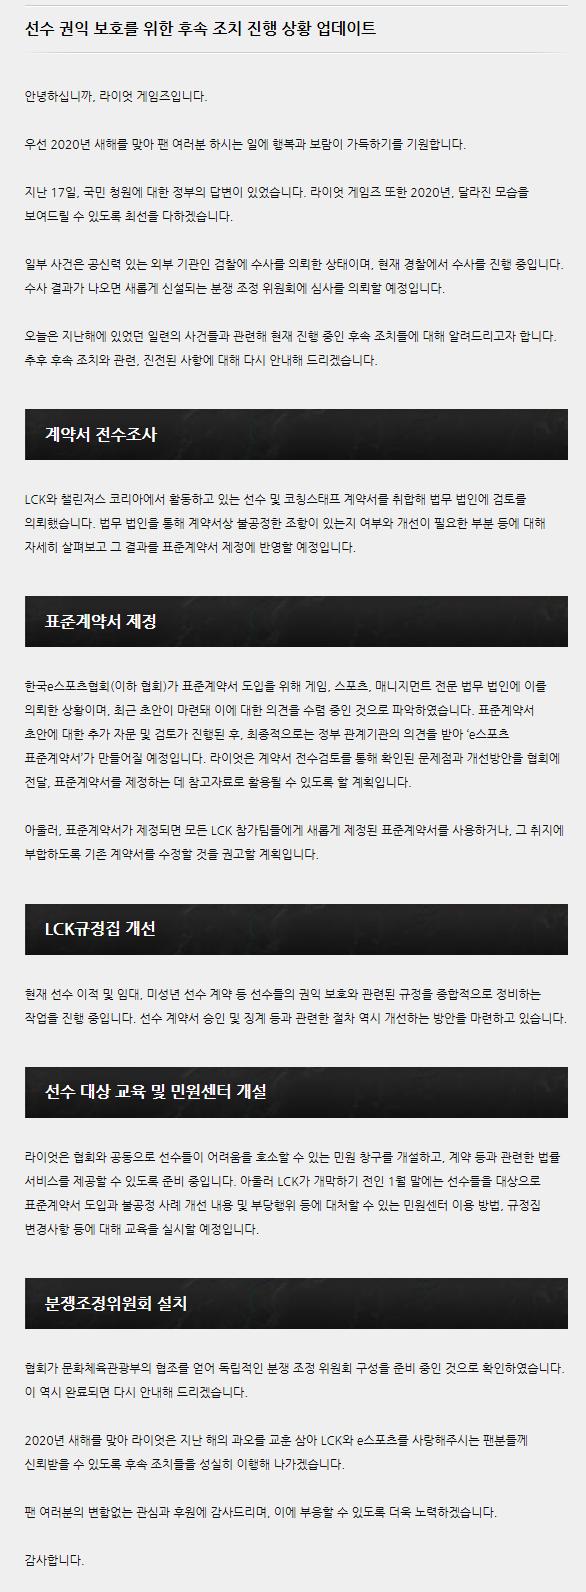 라이엇게임즈의 그리핀 사태 후속조치 전문 (사진출처: 리그 오브 레전드 공식 홈페이지)